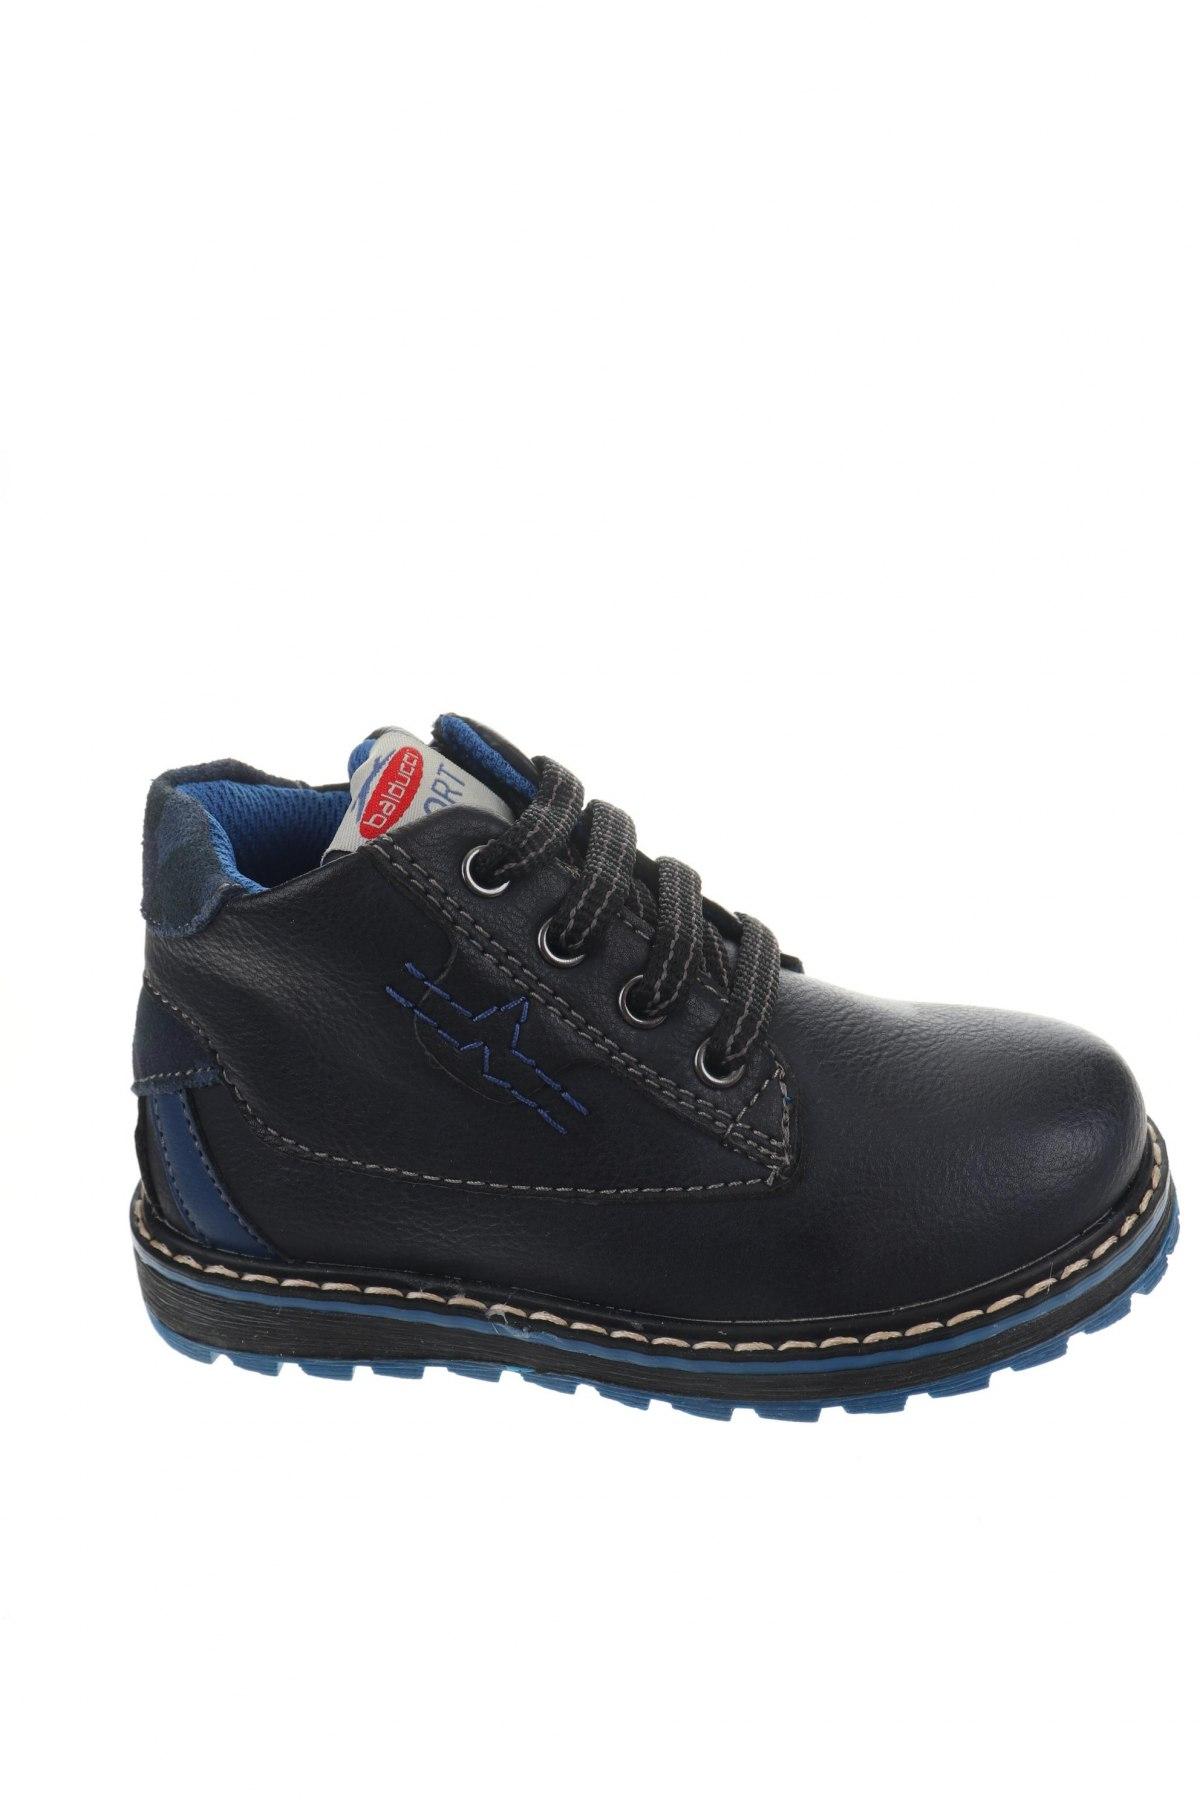 Детски обувки Balducci, Размер 24, Цвят Син, Еко кожа, естествен велур, Цена 26,07лв.